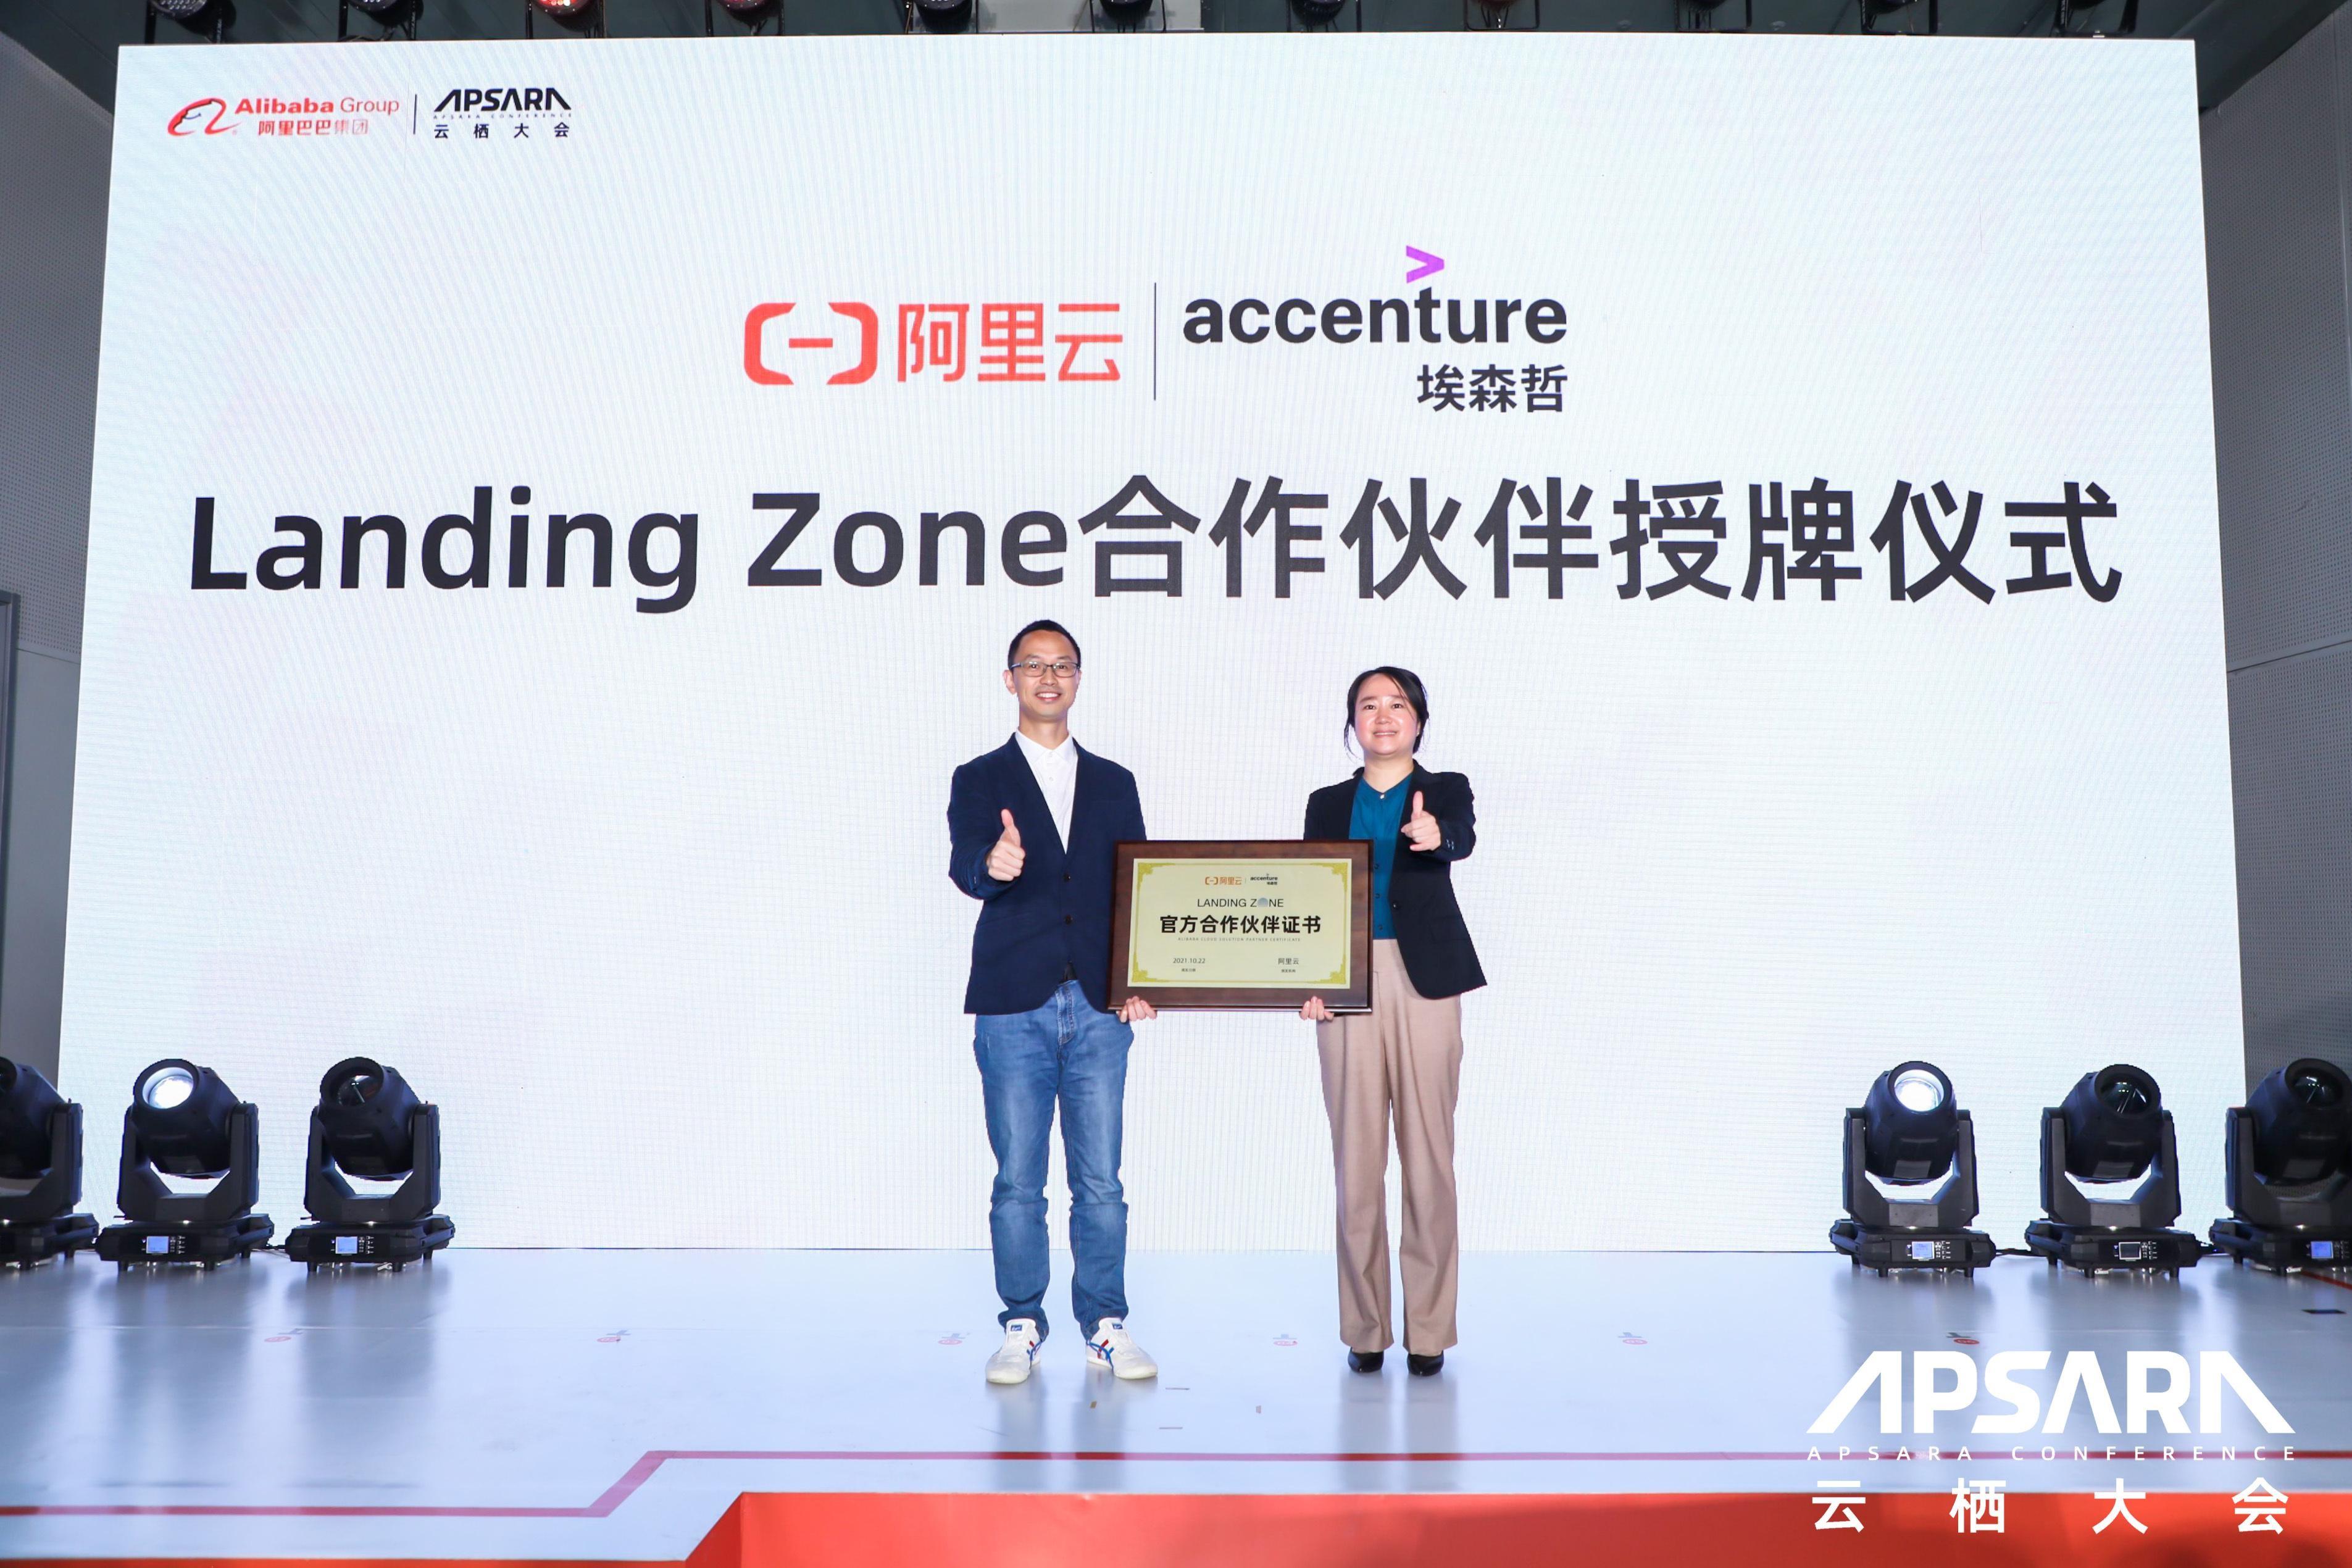 阿里云与埃森哲联合发布Landing Zone合作方案,助力企业上好云